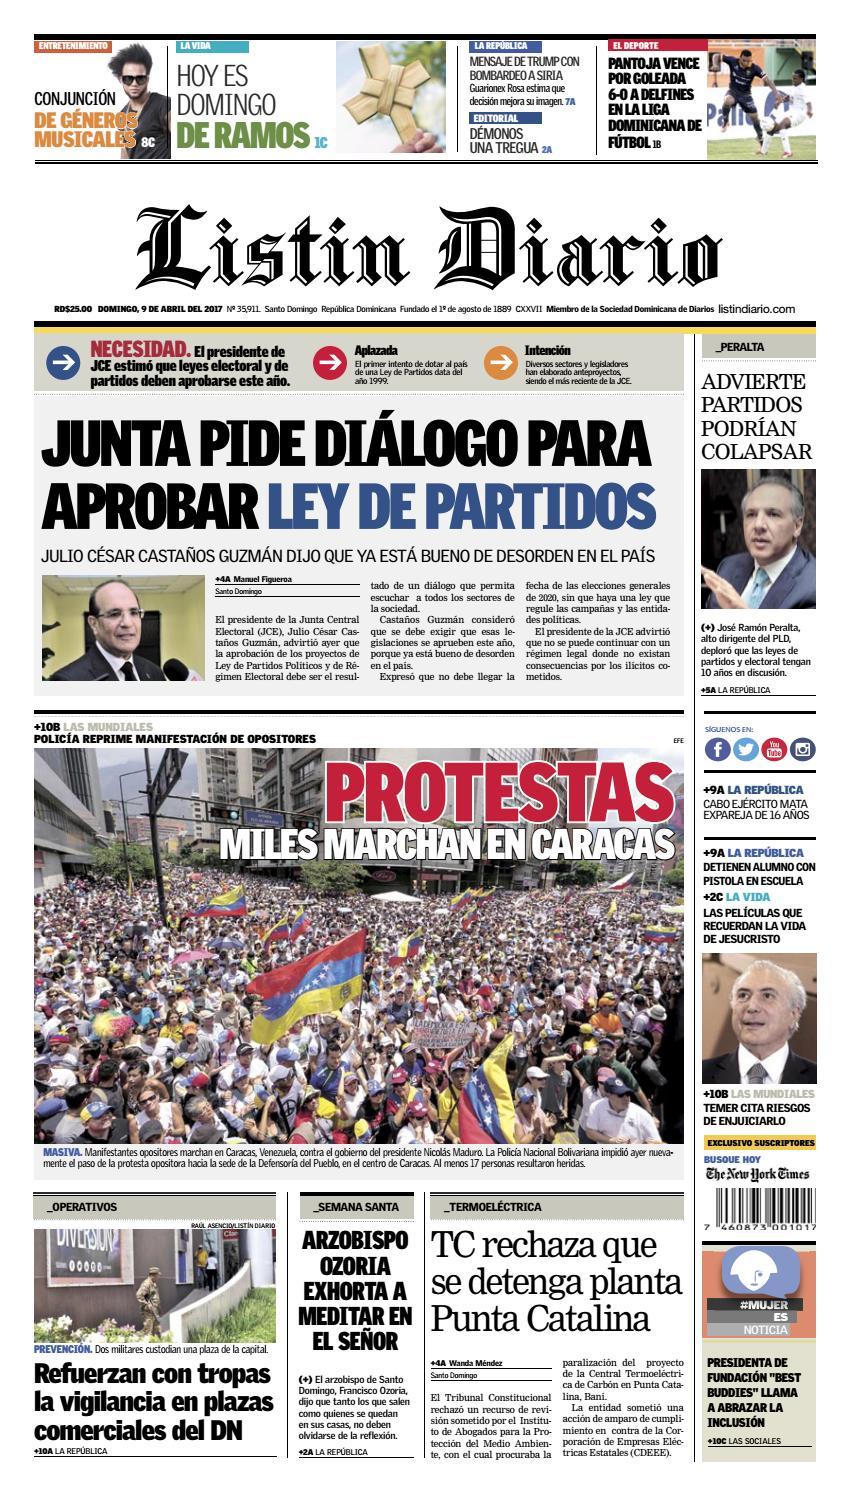 2017 04 09 by Listín Diario - issuu